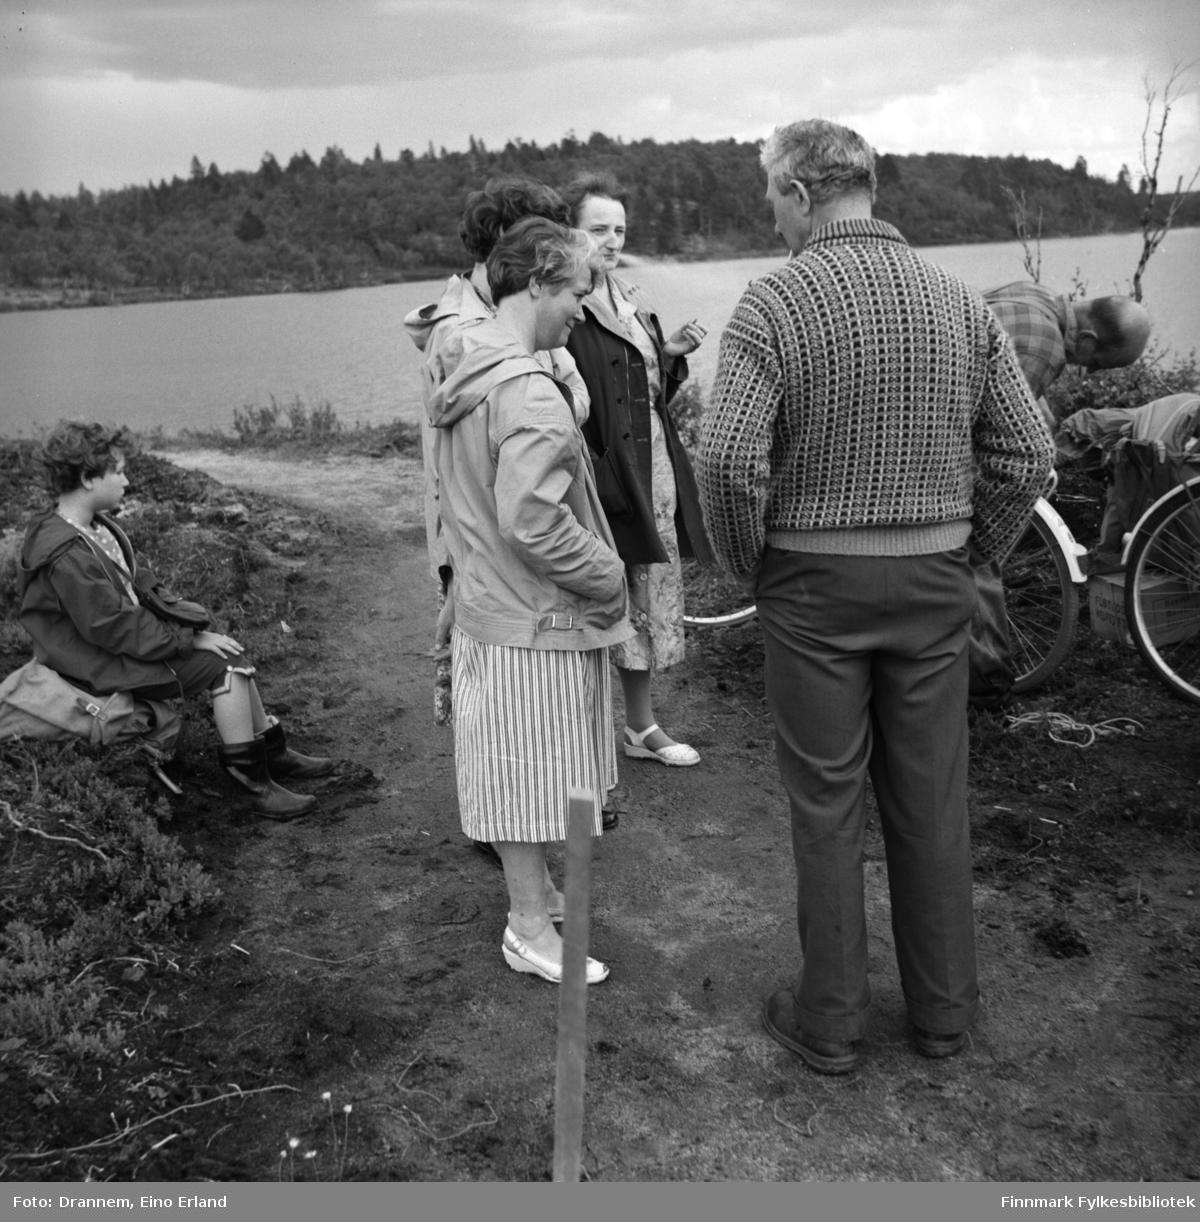 Fem personer ved bredden av et vann/en innsjø. Fra venstre sitter Turid Karikoski, foran henne står tre damer. Sonja Lappalainen nærmest kamera og to ukjente delvis skjult bak henne. Søren Gabrielsen med ryggen til og bøyd over en sykkel står Uuno Lappalainen. Bildet kan være tatt Jääjärvi i Finland.